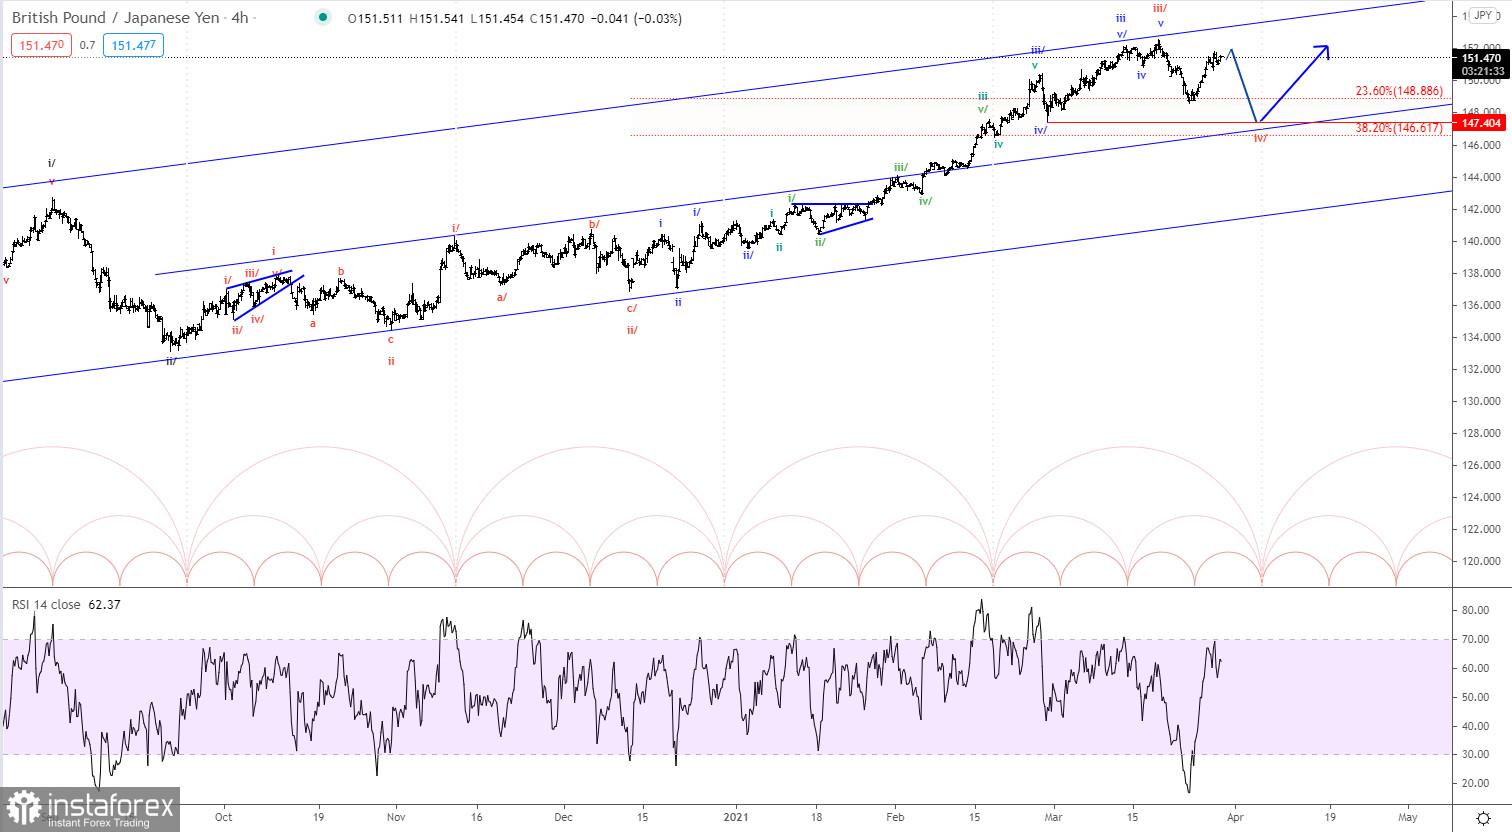 Analisis gelombang Elliott GBP / JPY untuk 30 Mac 2021